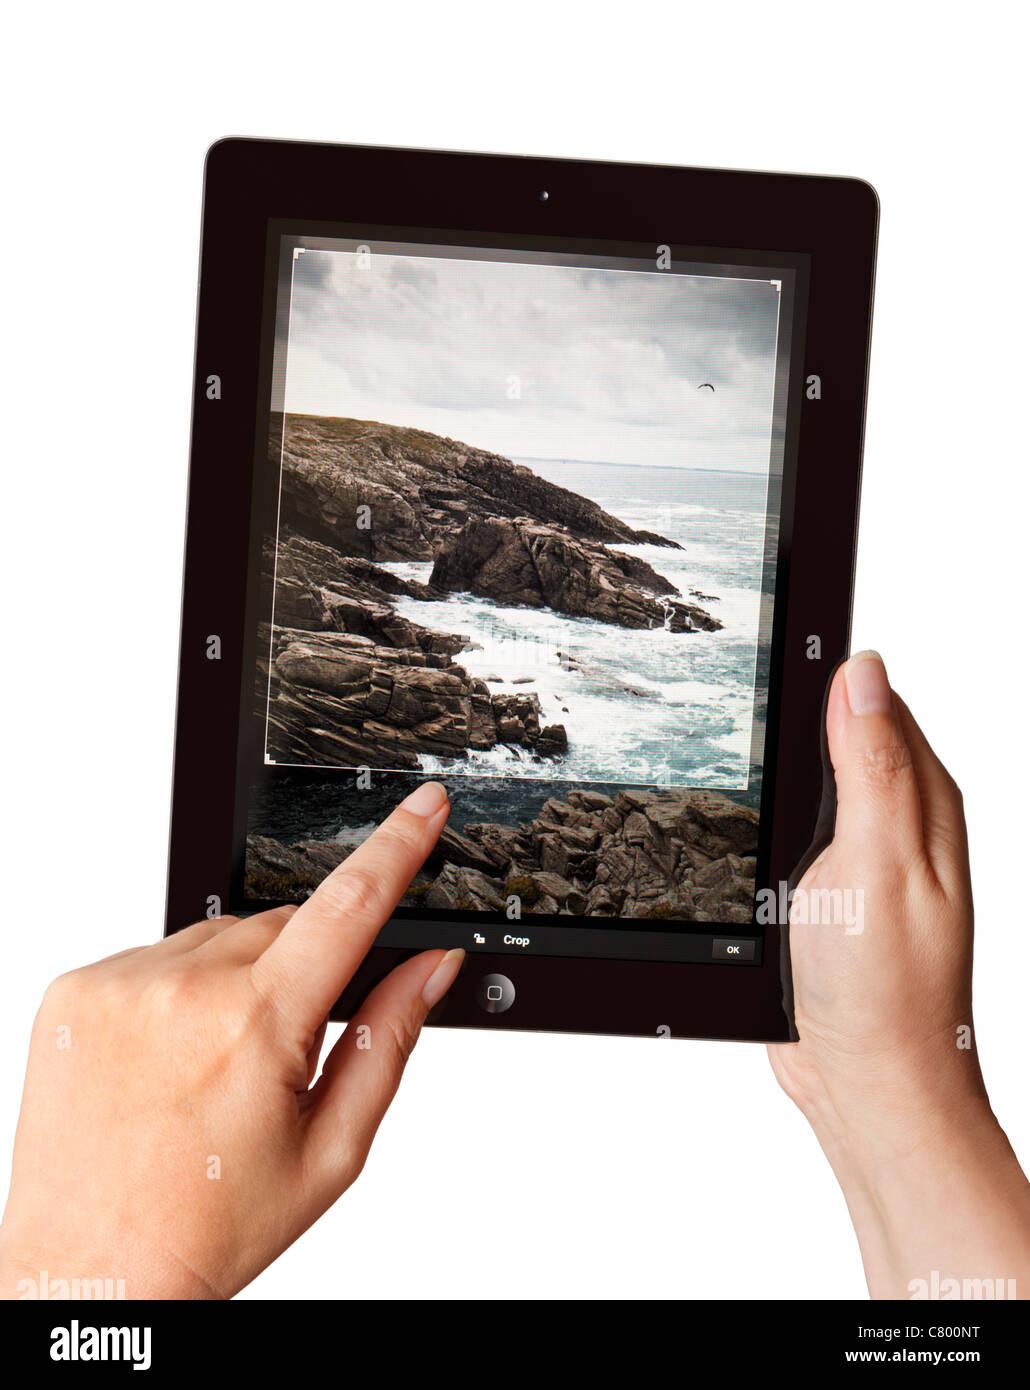 Mains tenant un iPad2 à l'aide d'une app Photoshop pour modifier une photo Photo Stock